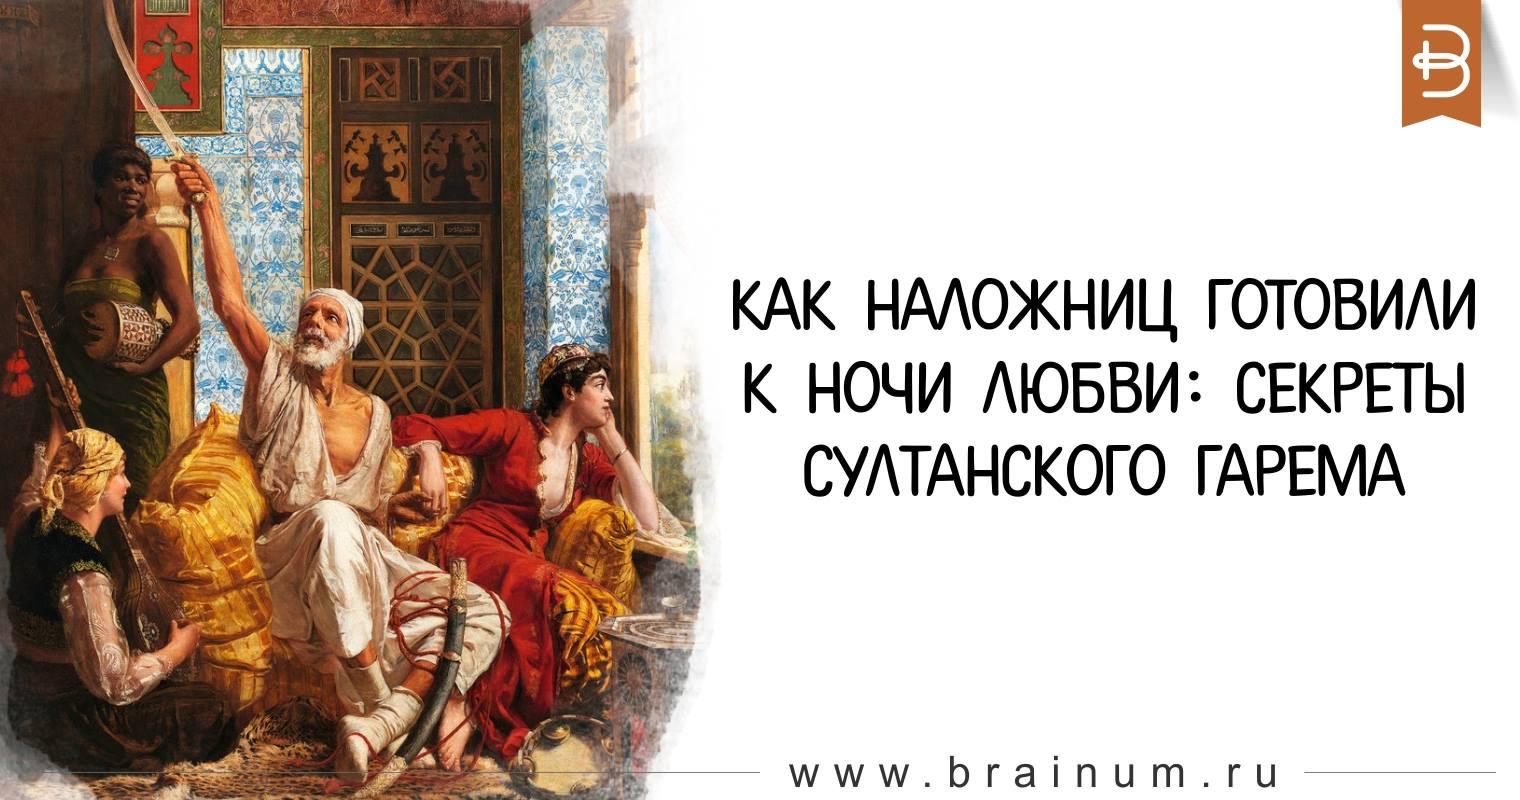 sultan-i-nalozhnitsi-erotika-armyanki-krasnodara